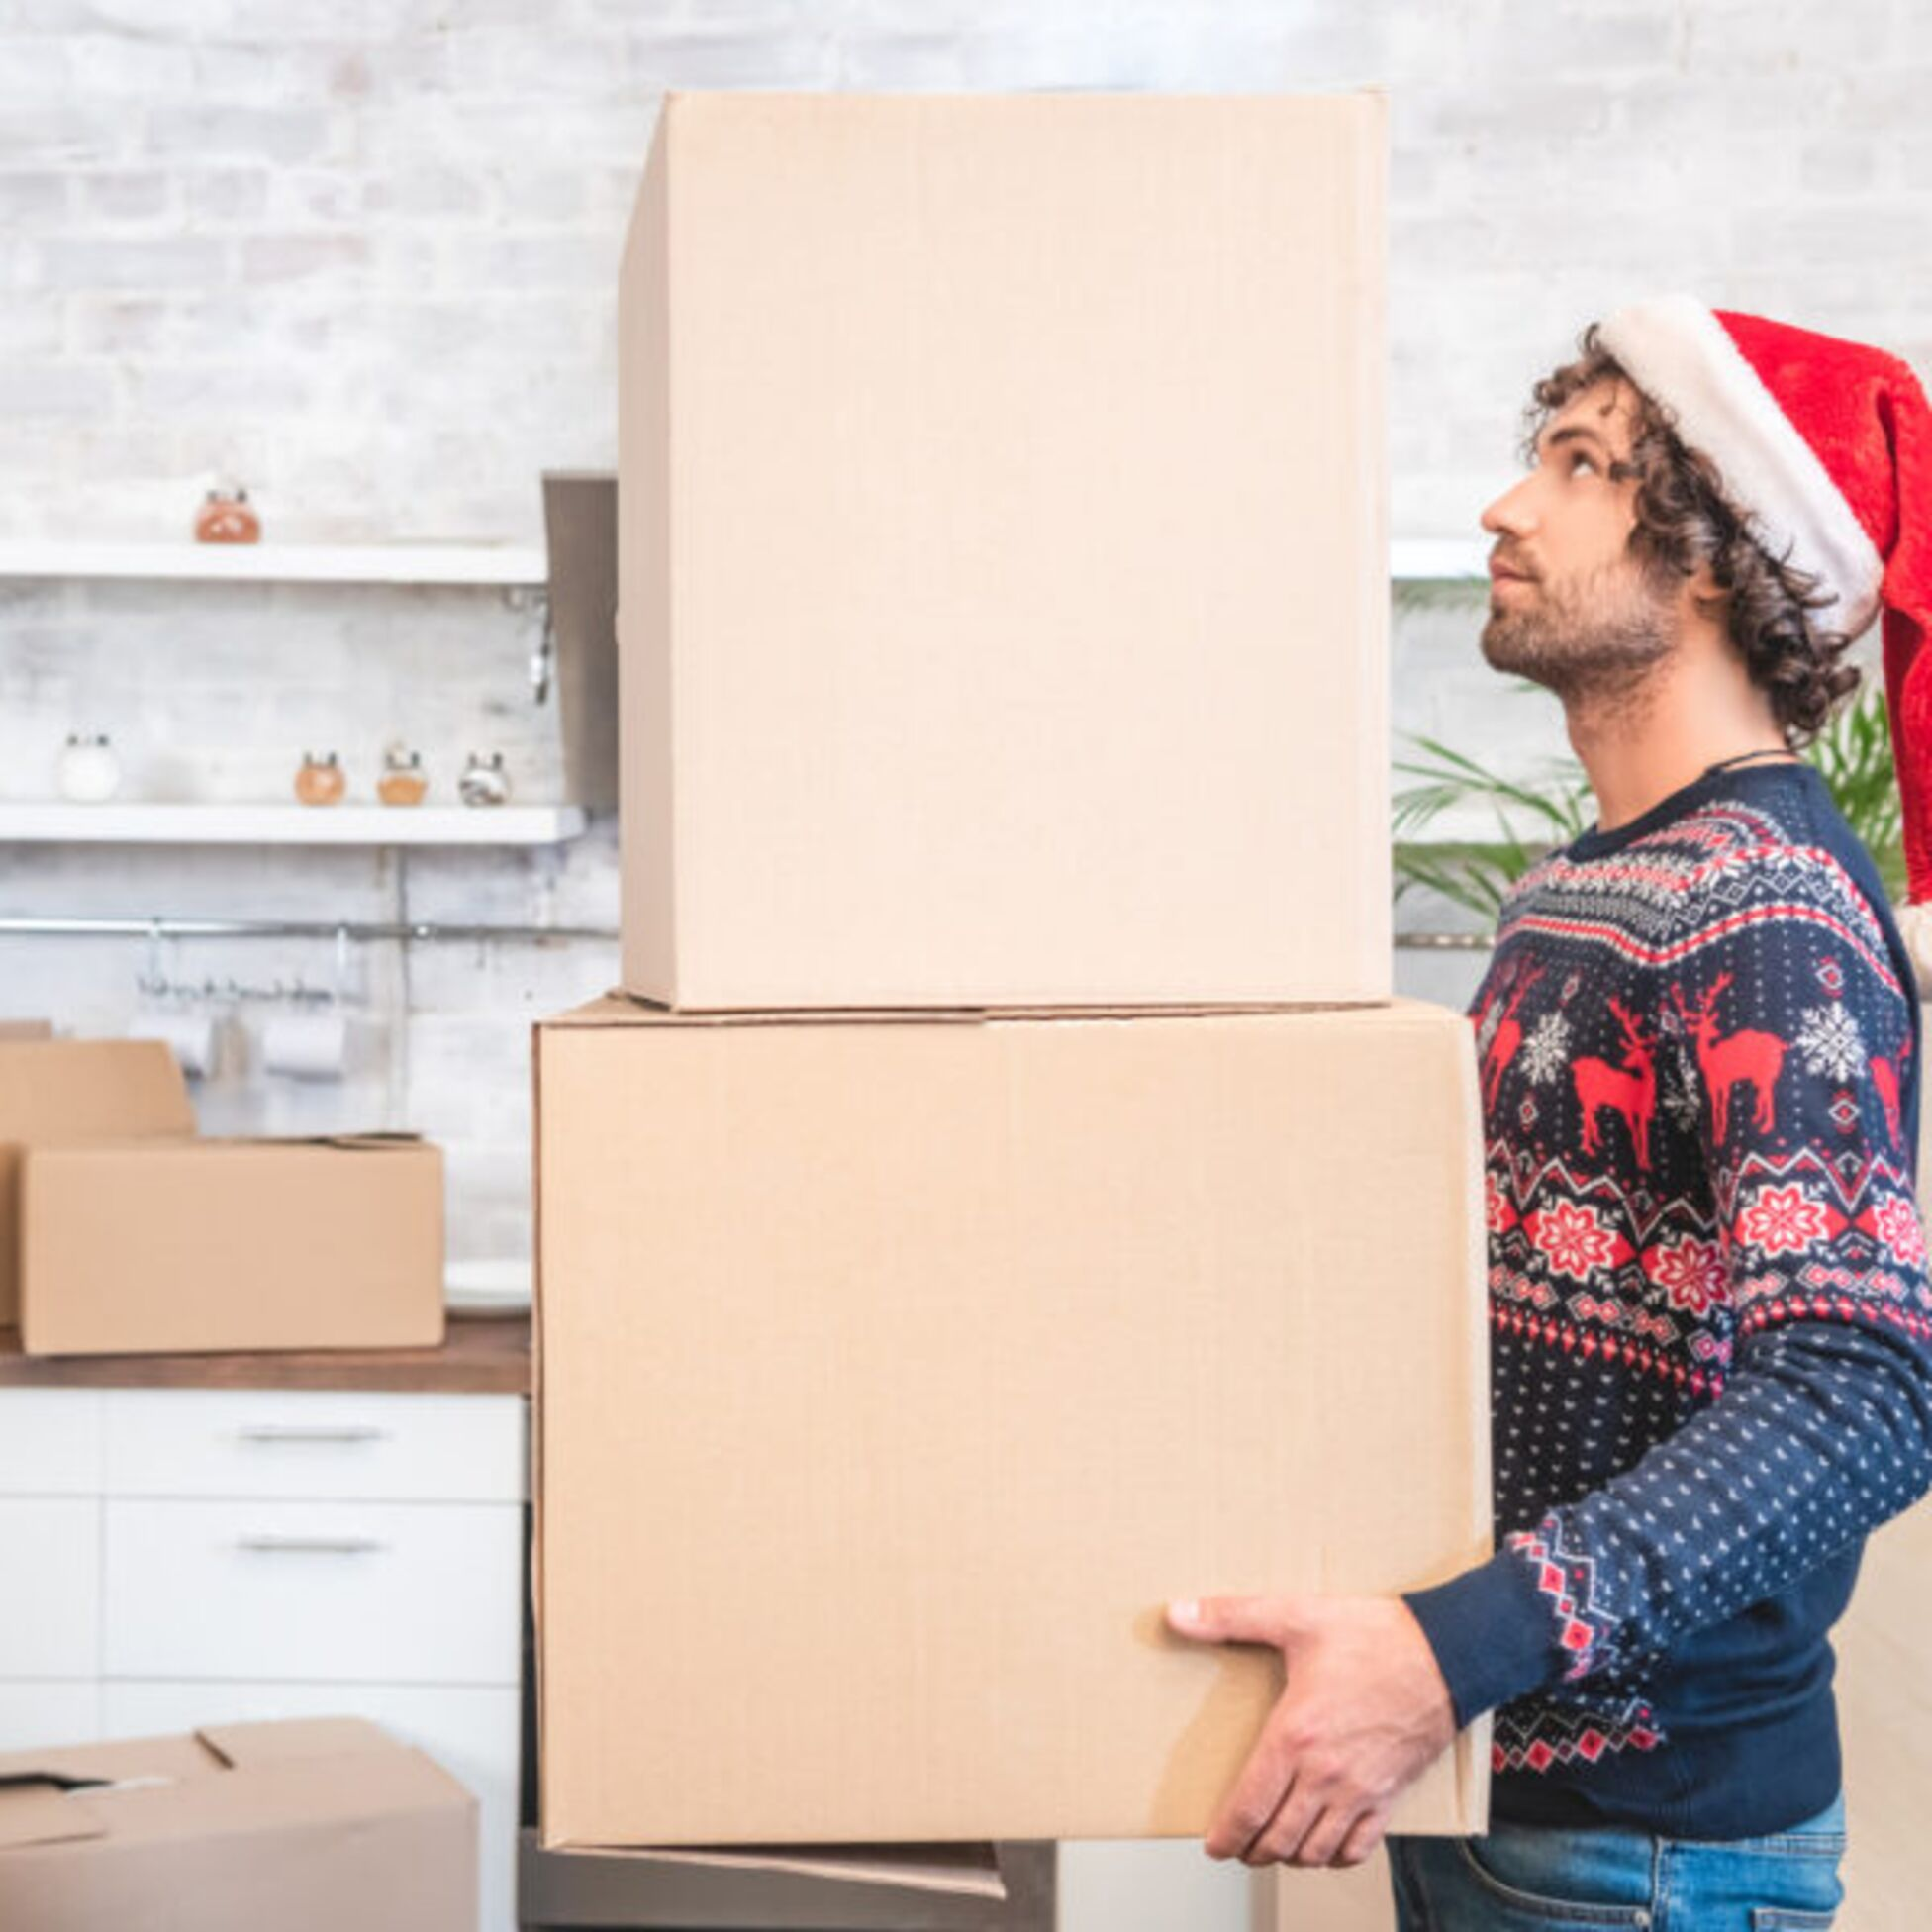 Mann trägt vor Weihnachten Umzugskartons